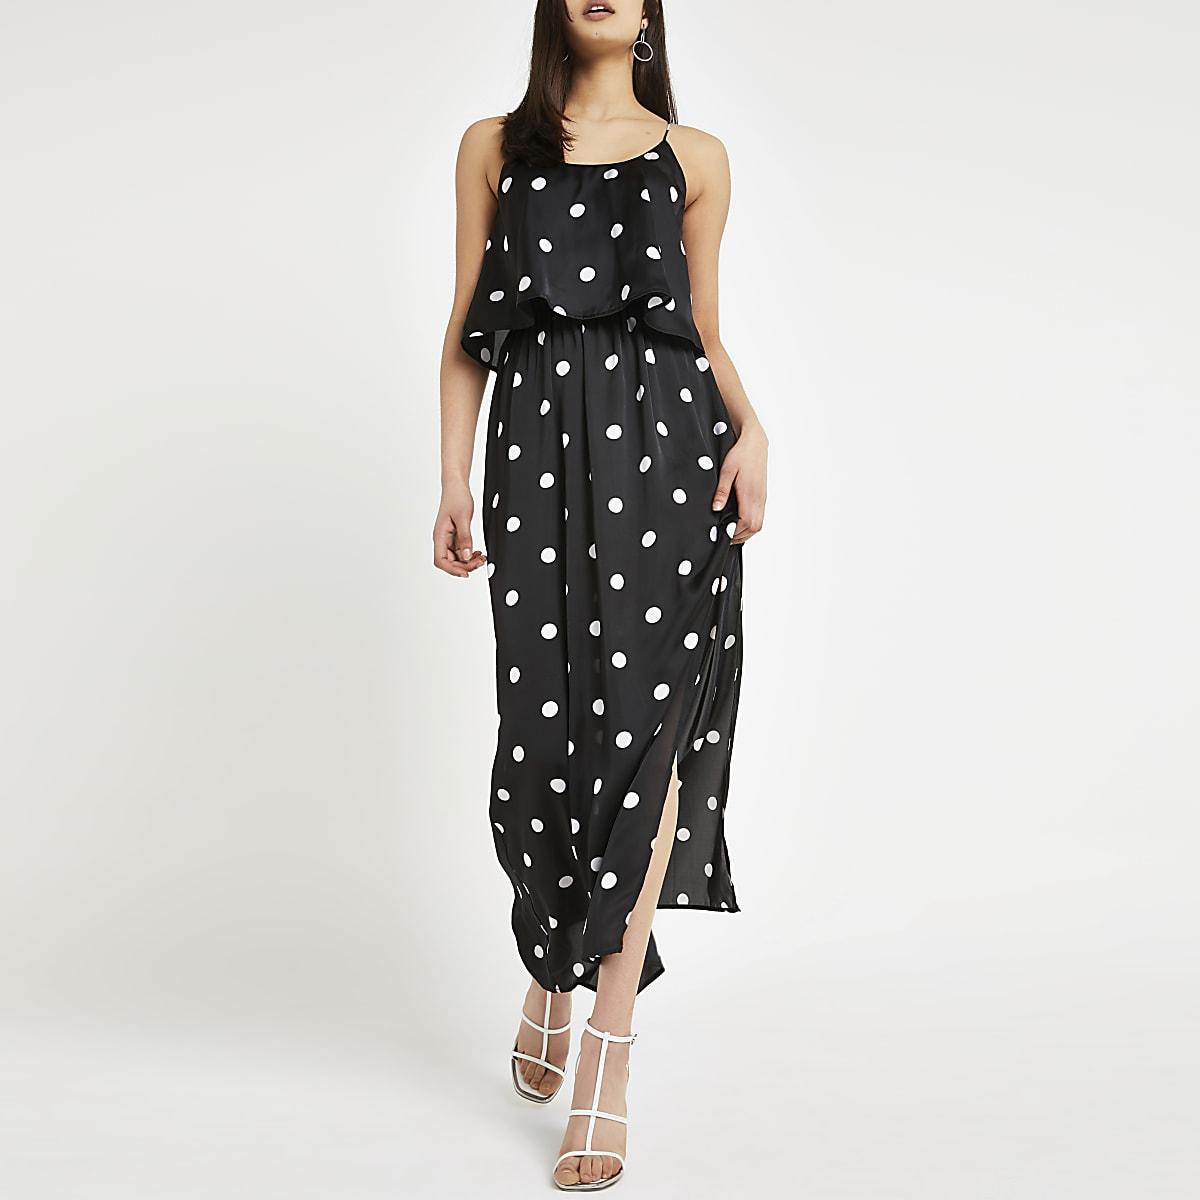 Black spot layered maxi dress